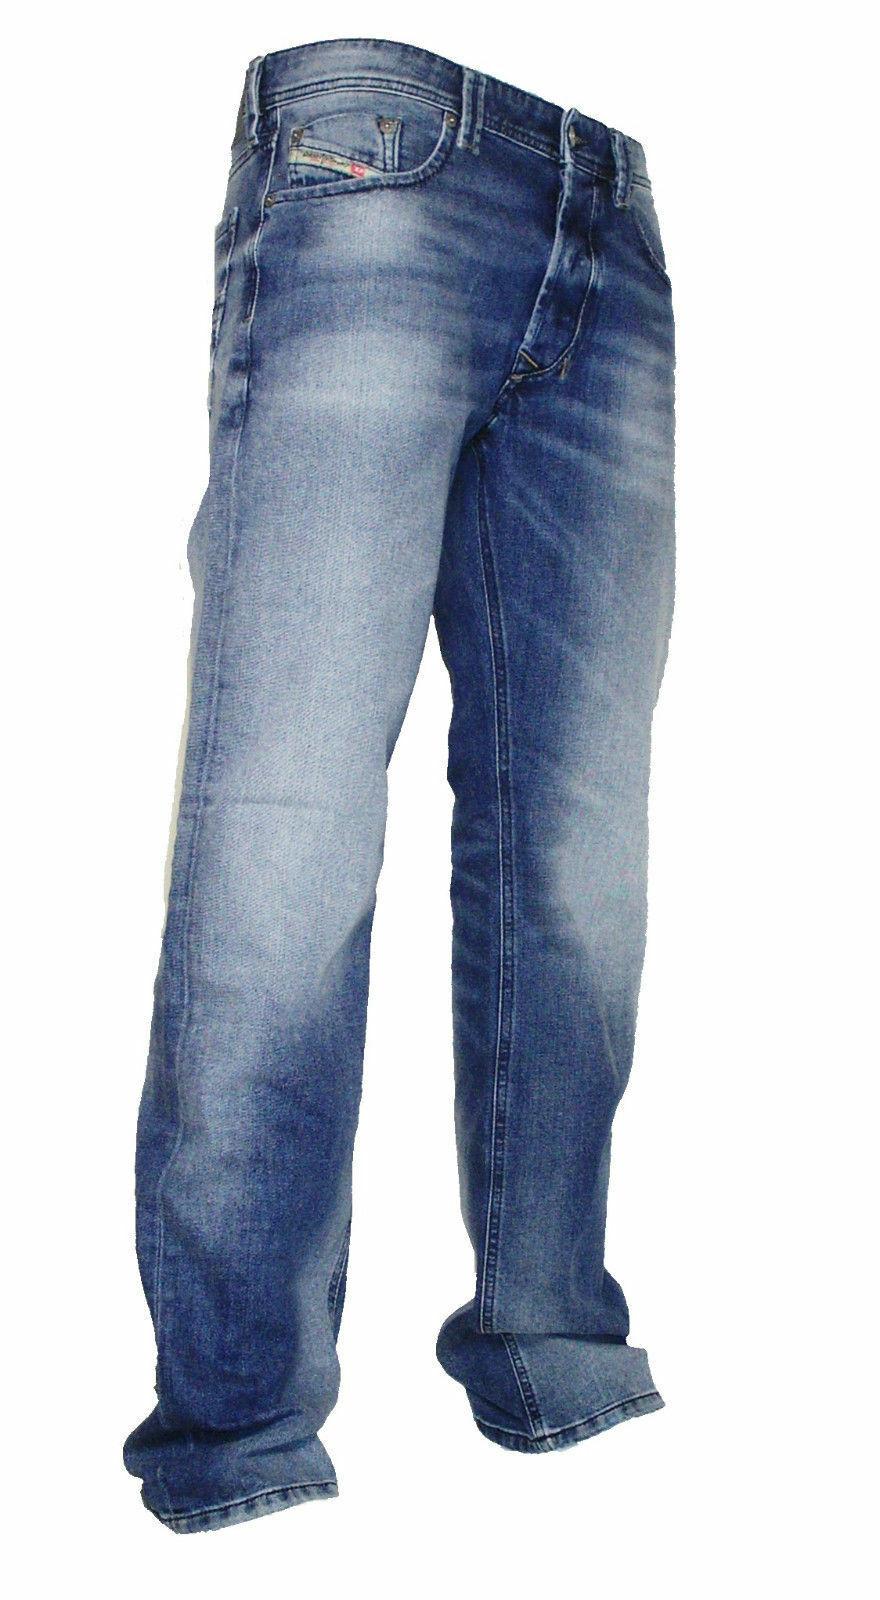 Diesel Stretch Jeans LARKEE 0853P hellblue verwaschen  Gr. 31 30  NEU